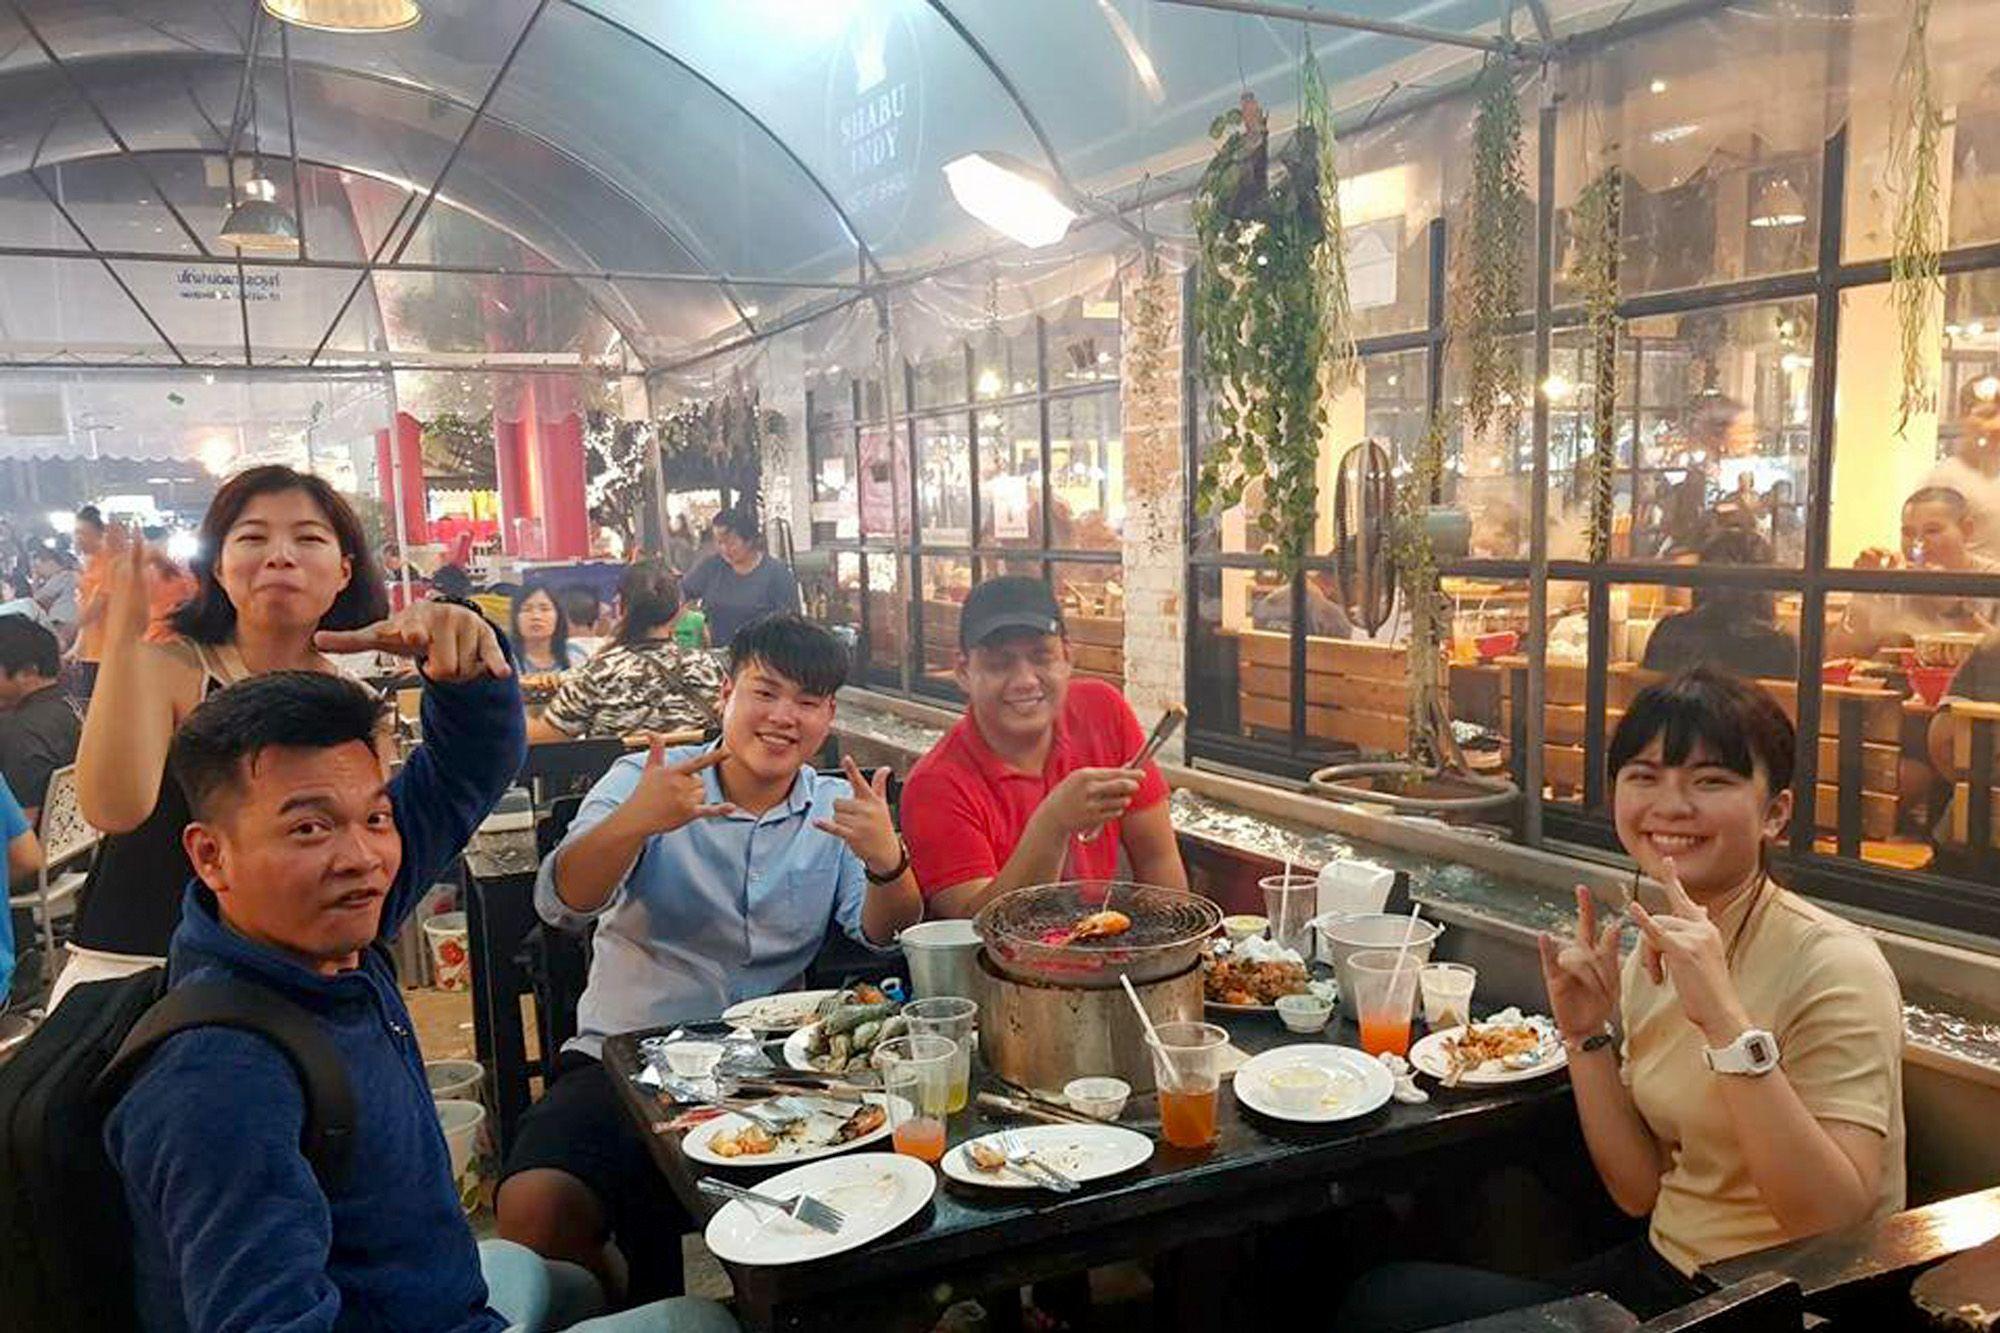 曼谷Taikong流水蝦海鮮餐廳主打各種海鮮吃到飽